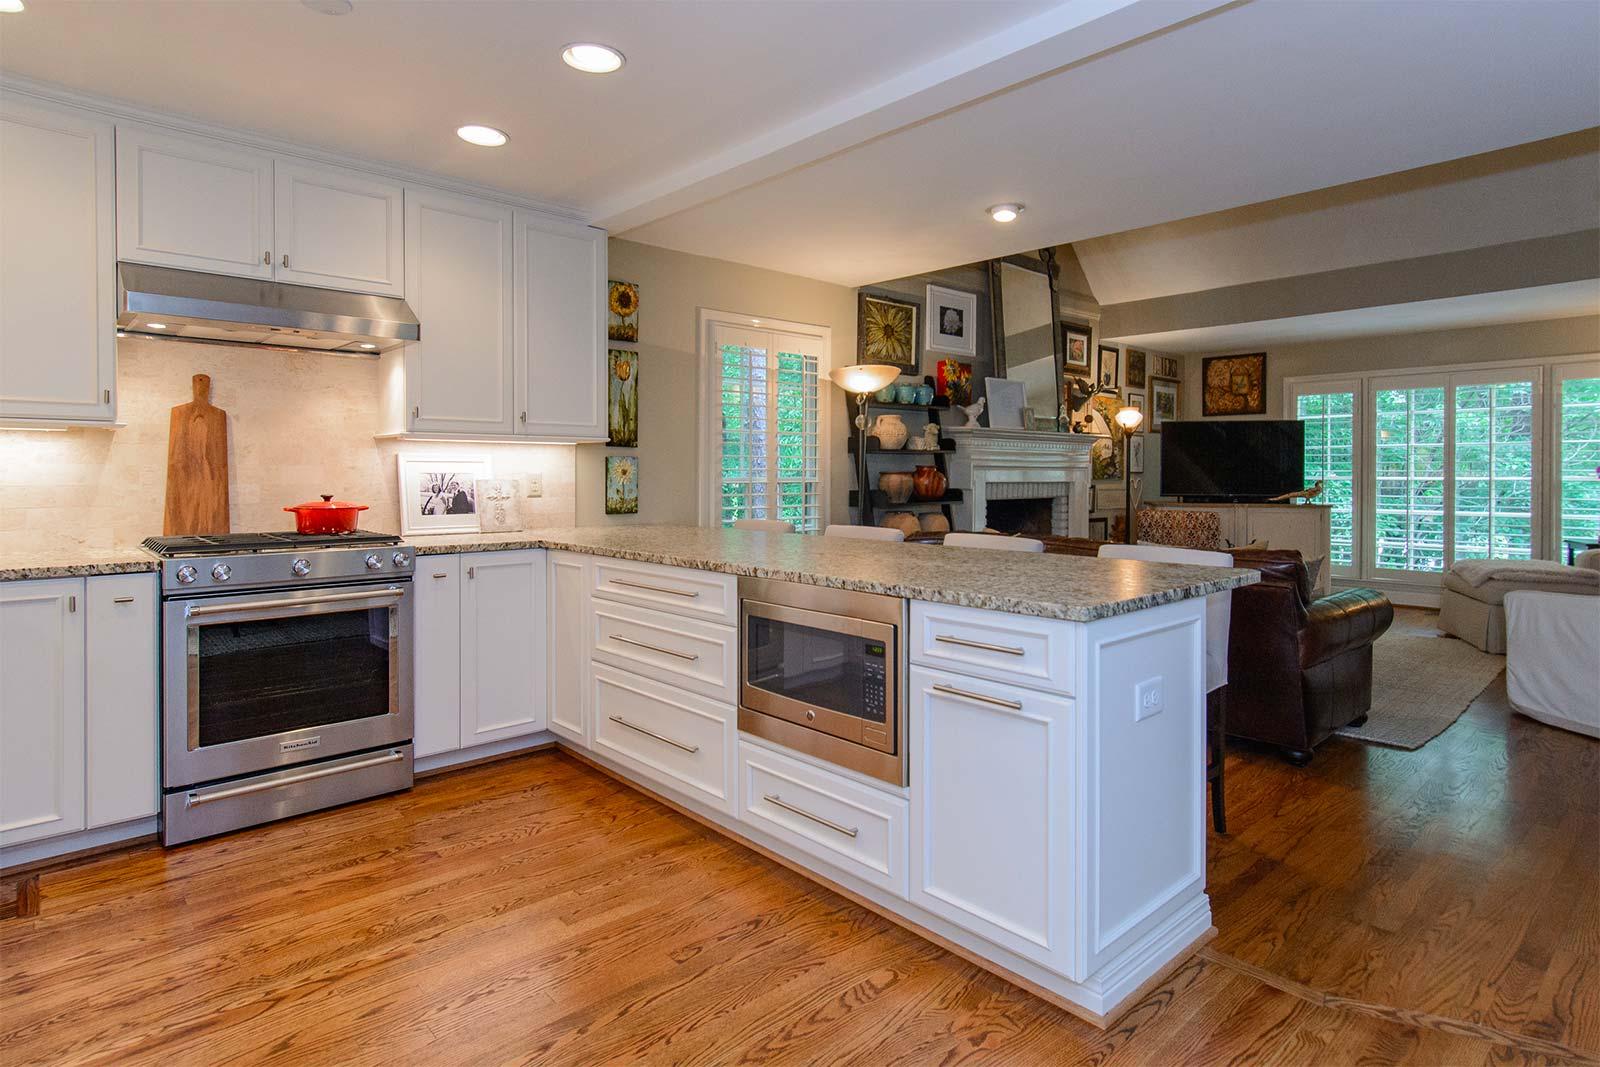 task-lighting-in-kitchen.jpg